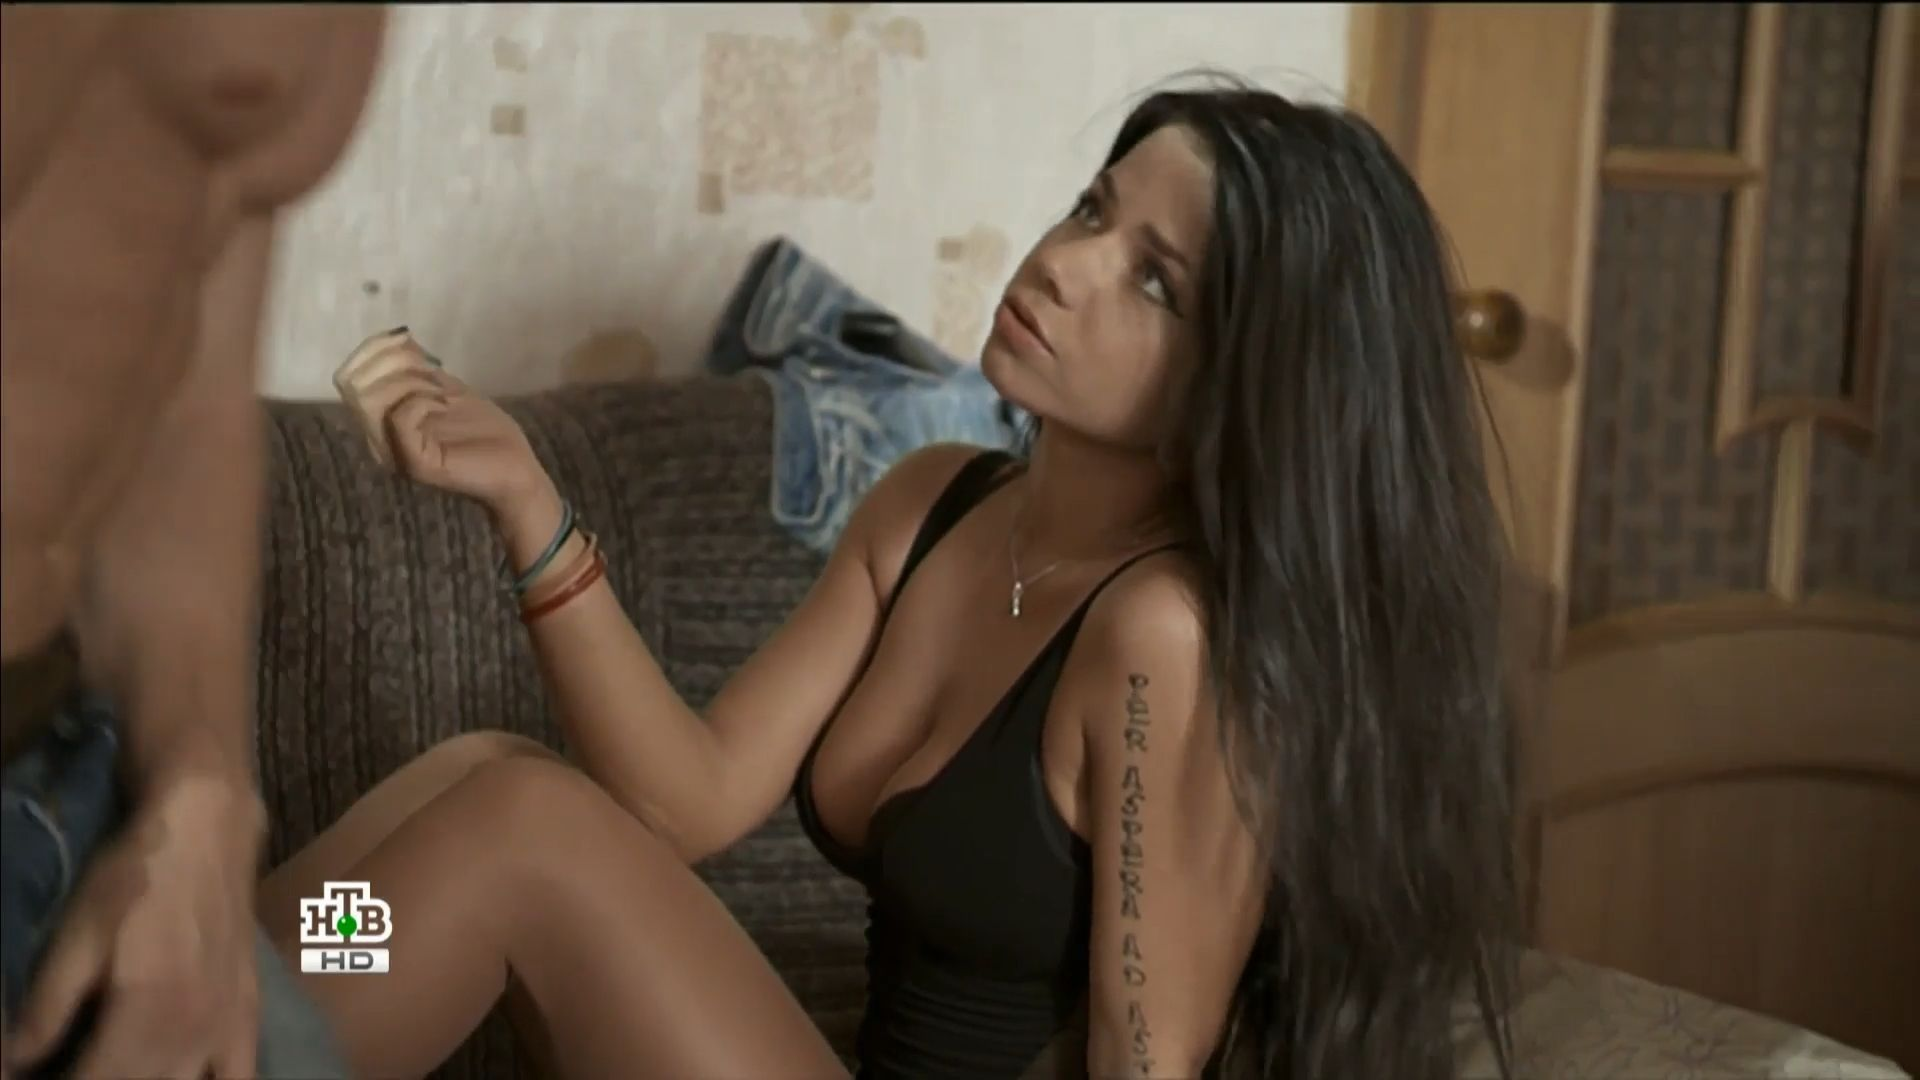 музыкальный порно клип с бьянкой